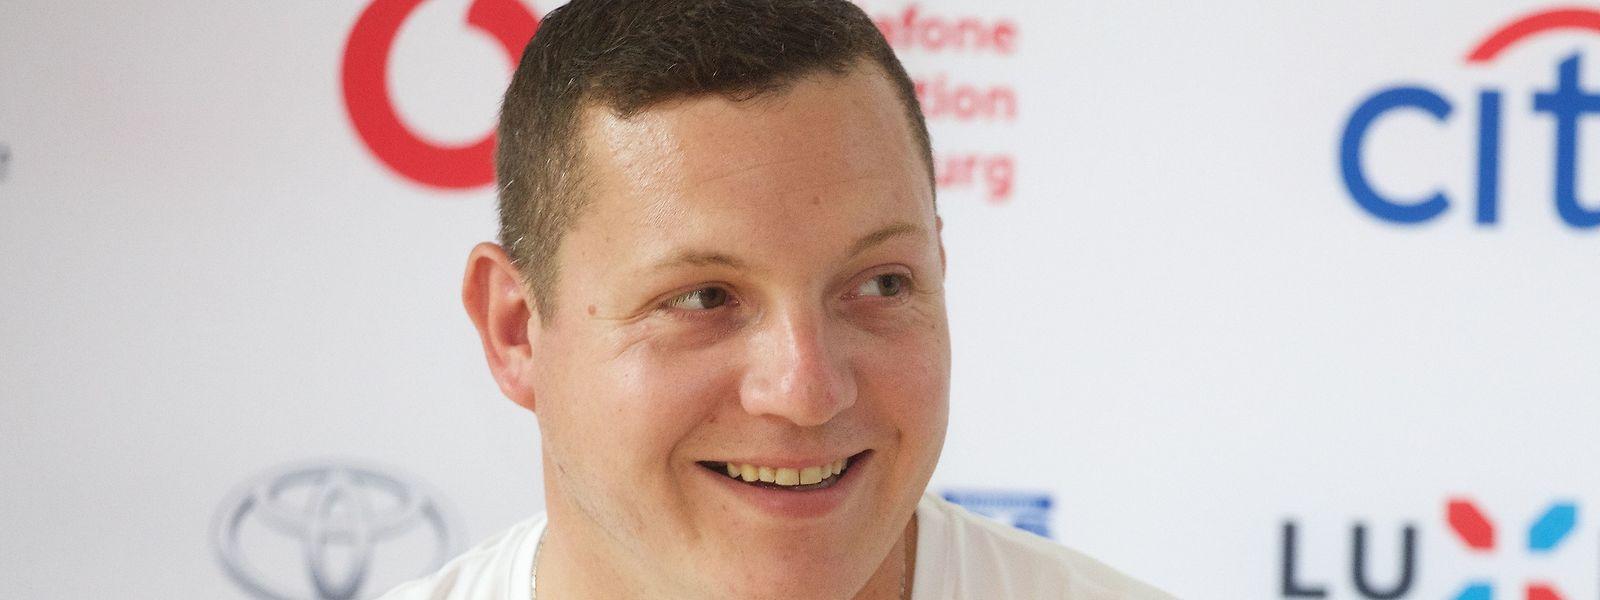 Tom Habscheid, lançador de peso, alcançou o 4º lugar nos Jogos Paralímpicos de Tóquio.